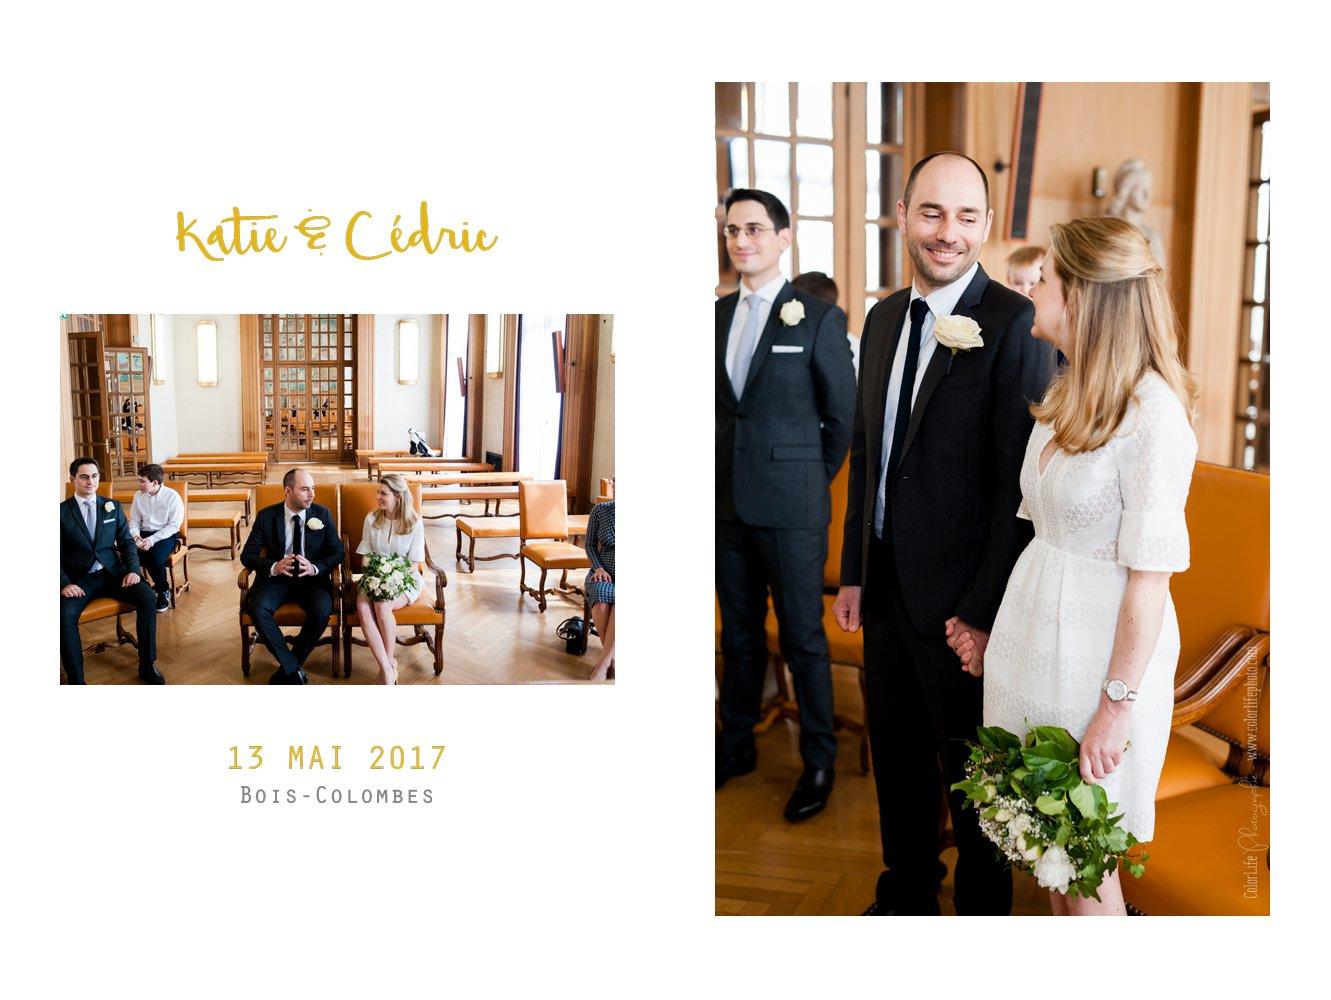 Célèbre Mariage civil en petit comité à Bois Colombes - K&C EA22